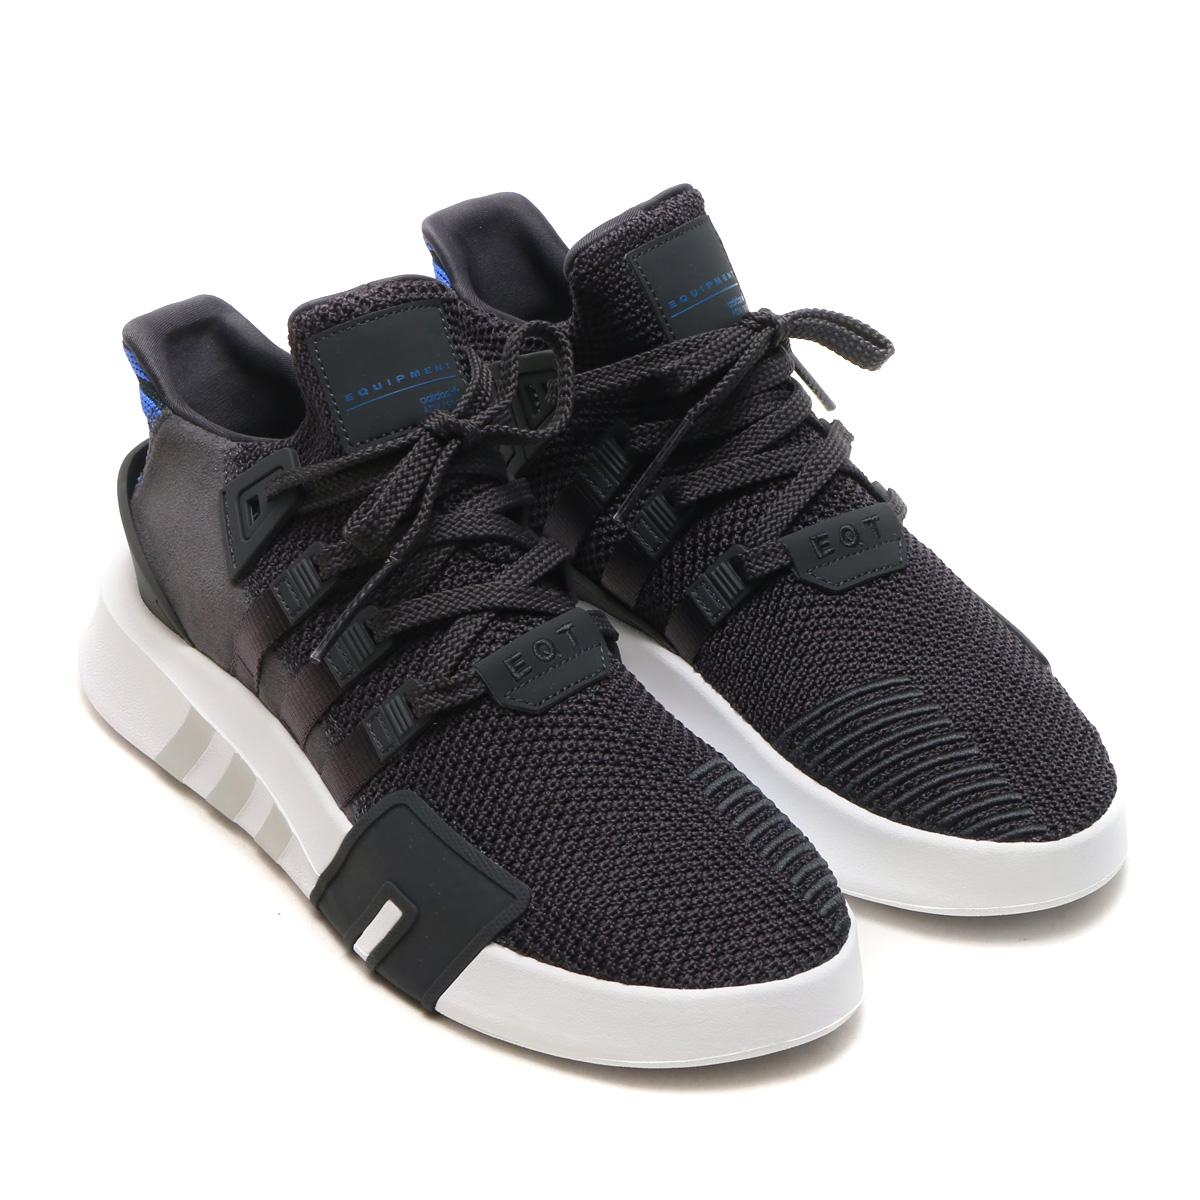 029e0461b62a adidas Originals EQT BASK ADV (Adidas originals E cue tea BASK ADV)Carbon Carbon Collegiate  Royal 18SP-I